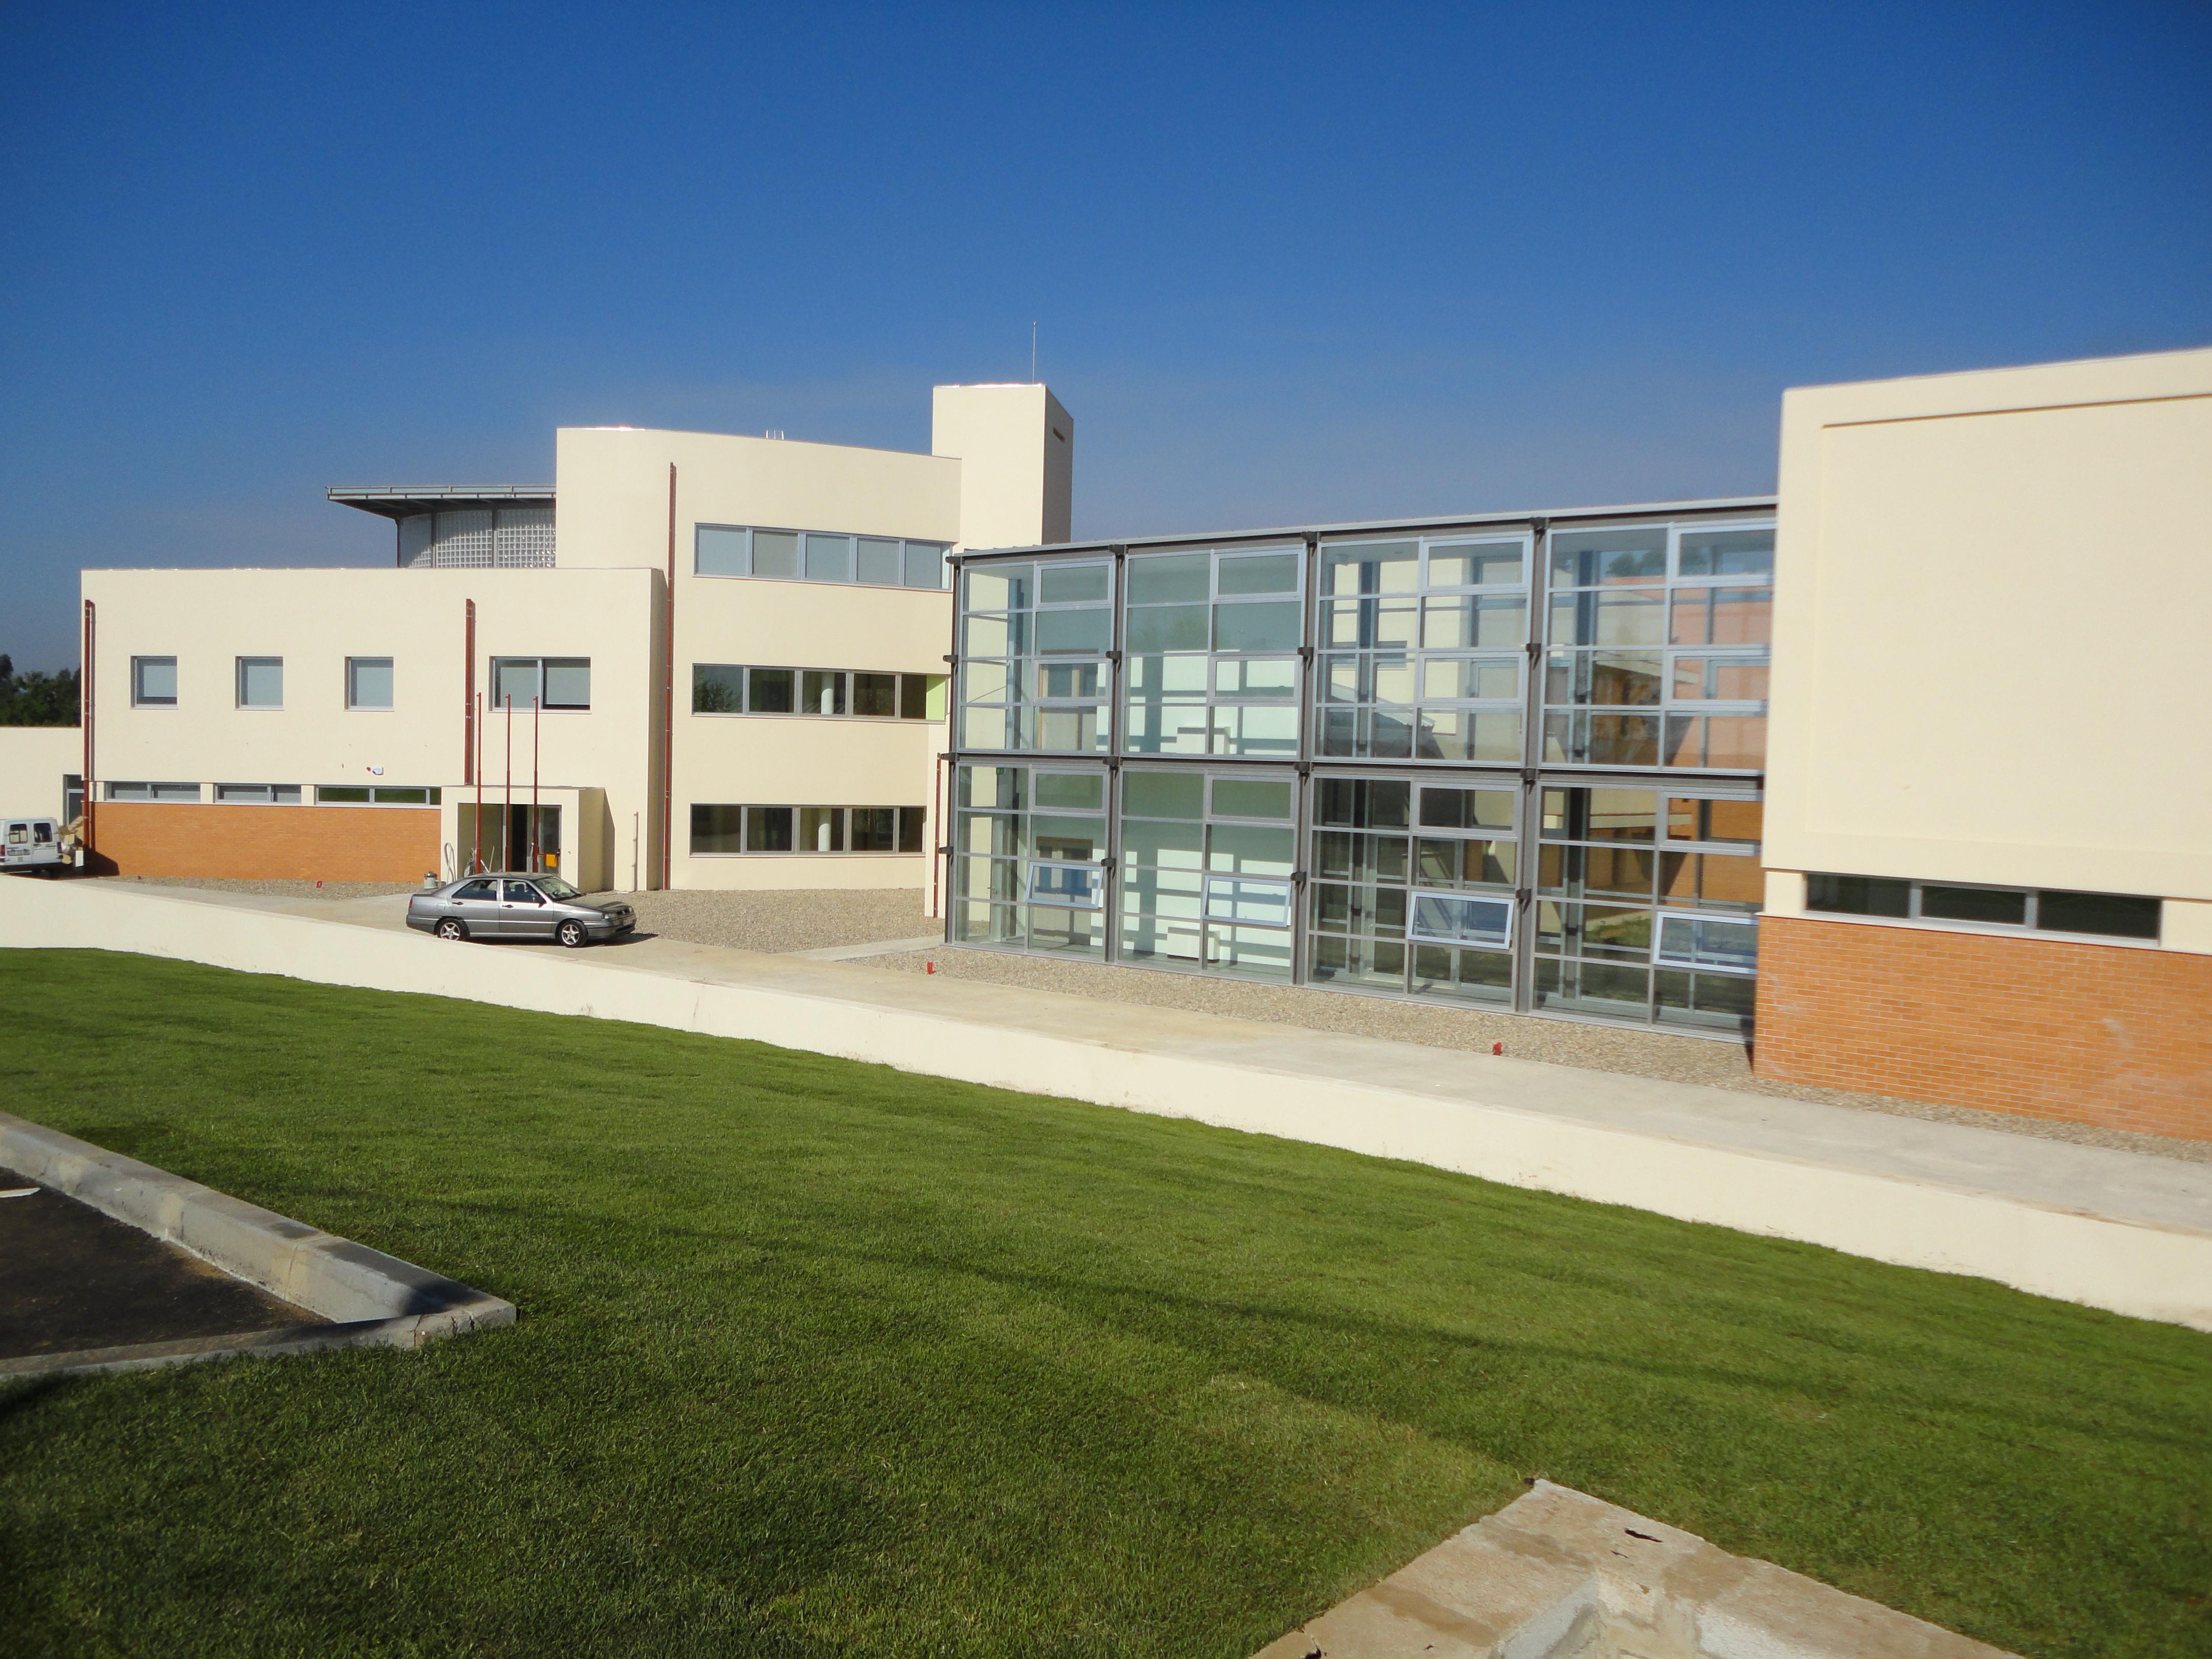 Centro de saúde de Oliveira de Azeméis